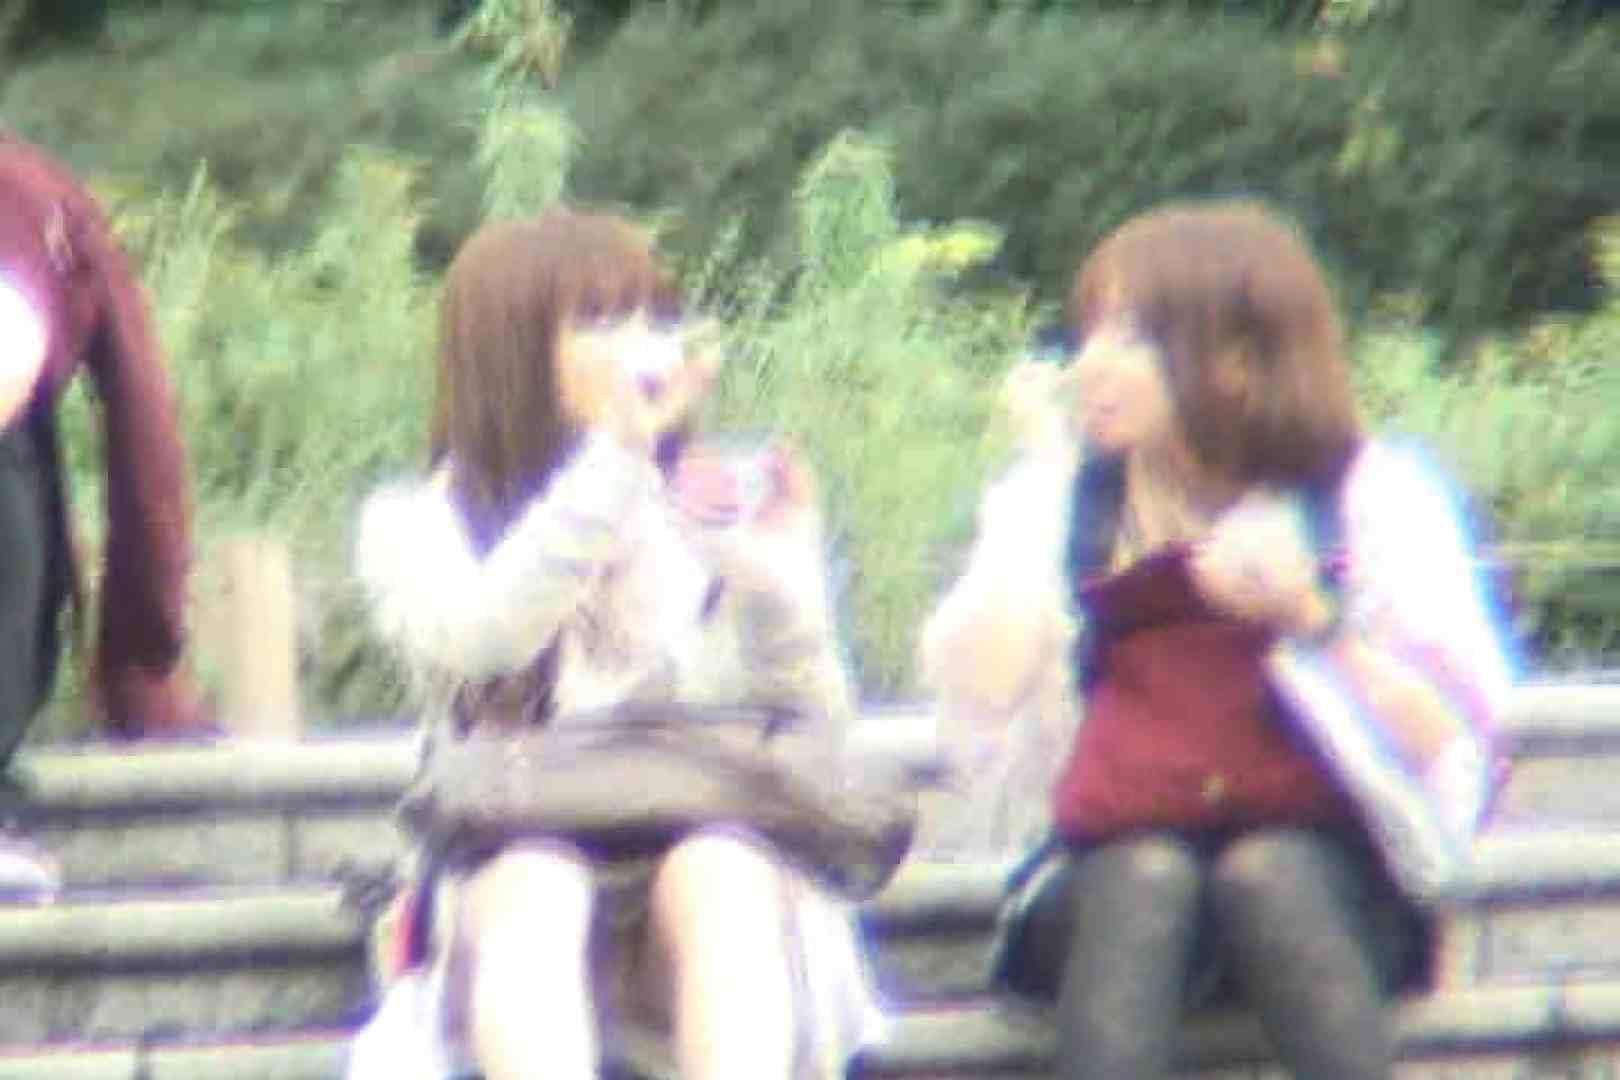 超最新版!春夏秋冬 vol.04 パンチラ セックス無修正動画無料 87連発 6